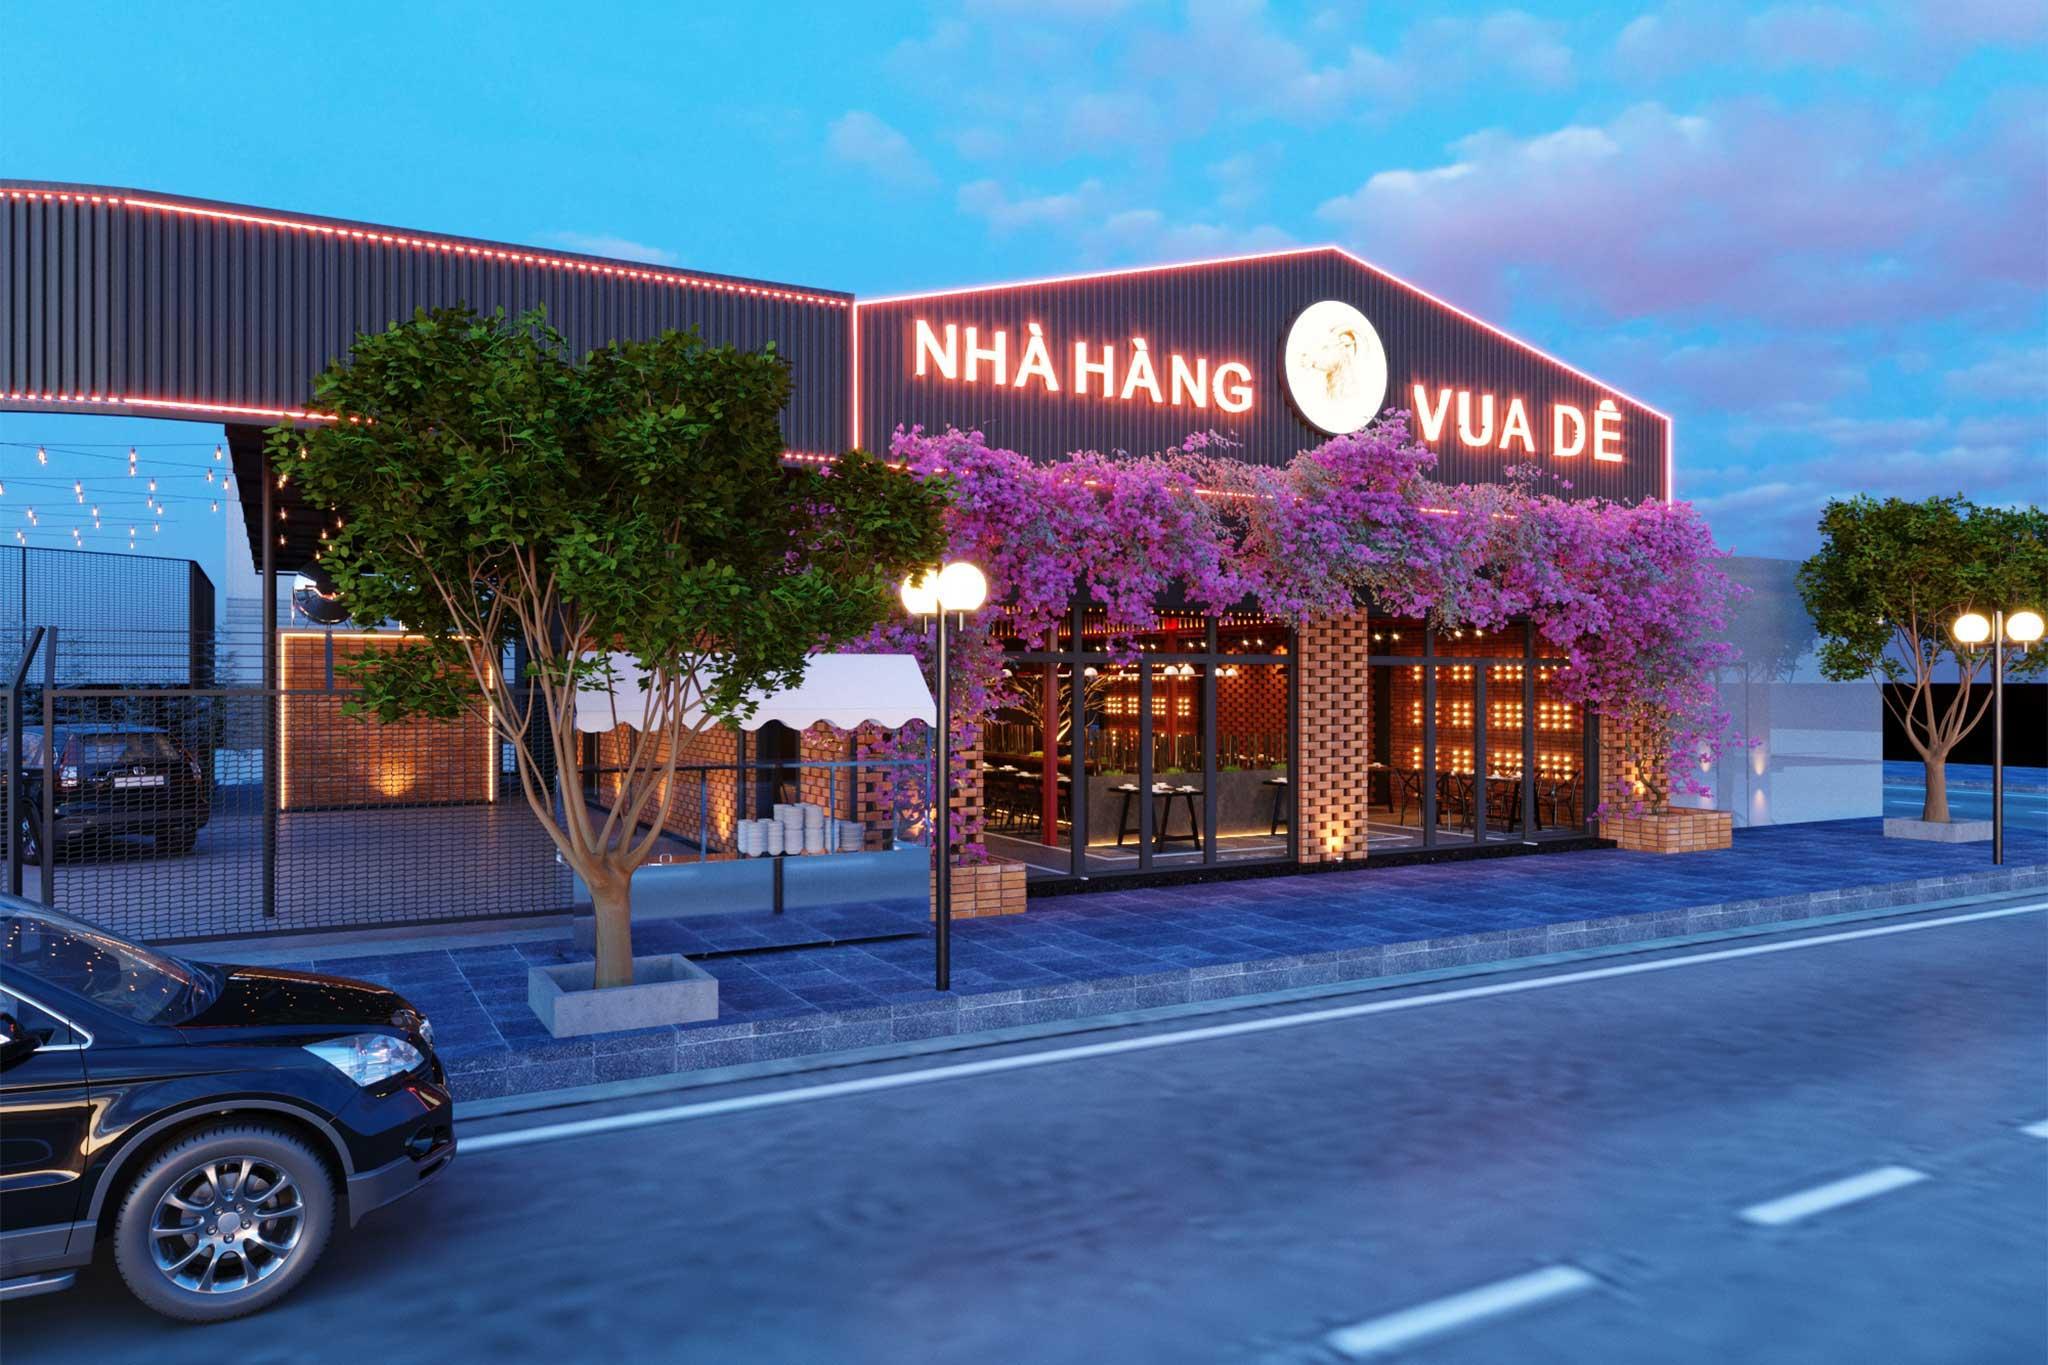 Thiết kế nhà hàng Vua Dê - chất công nghiệp hiện đại khỏe khoắn